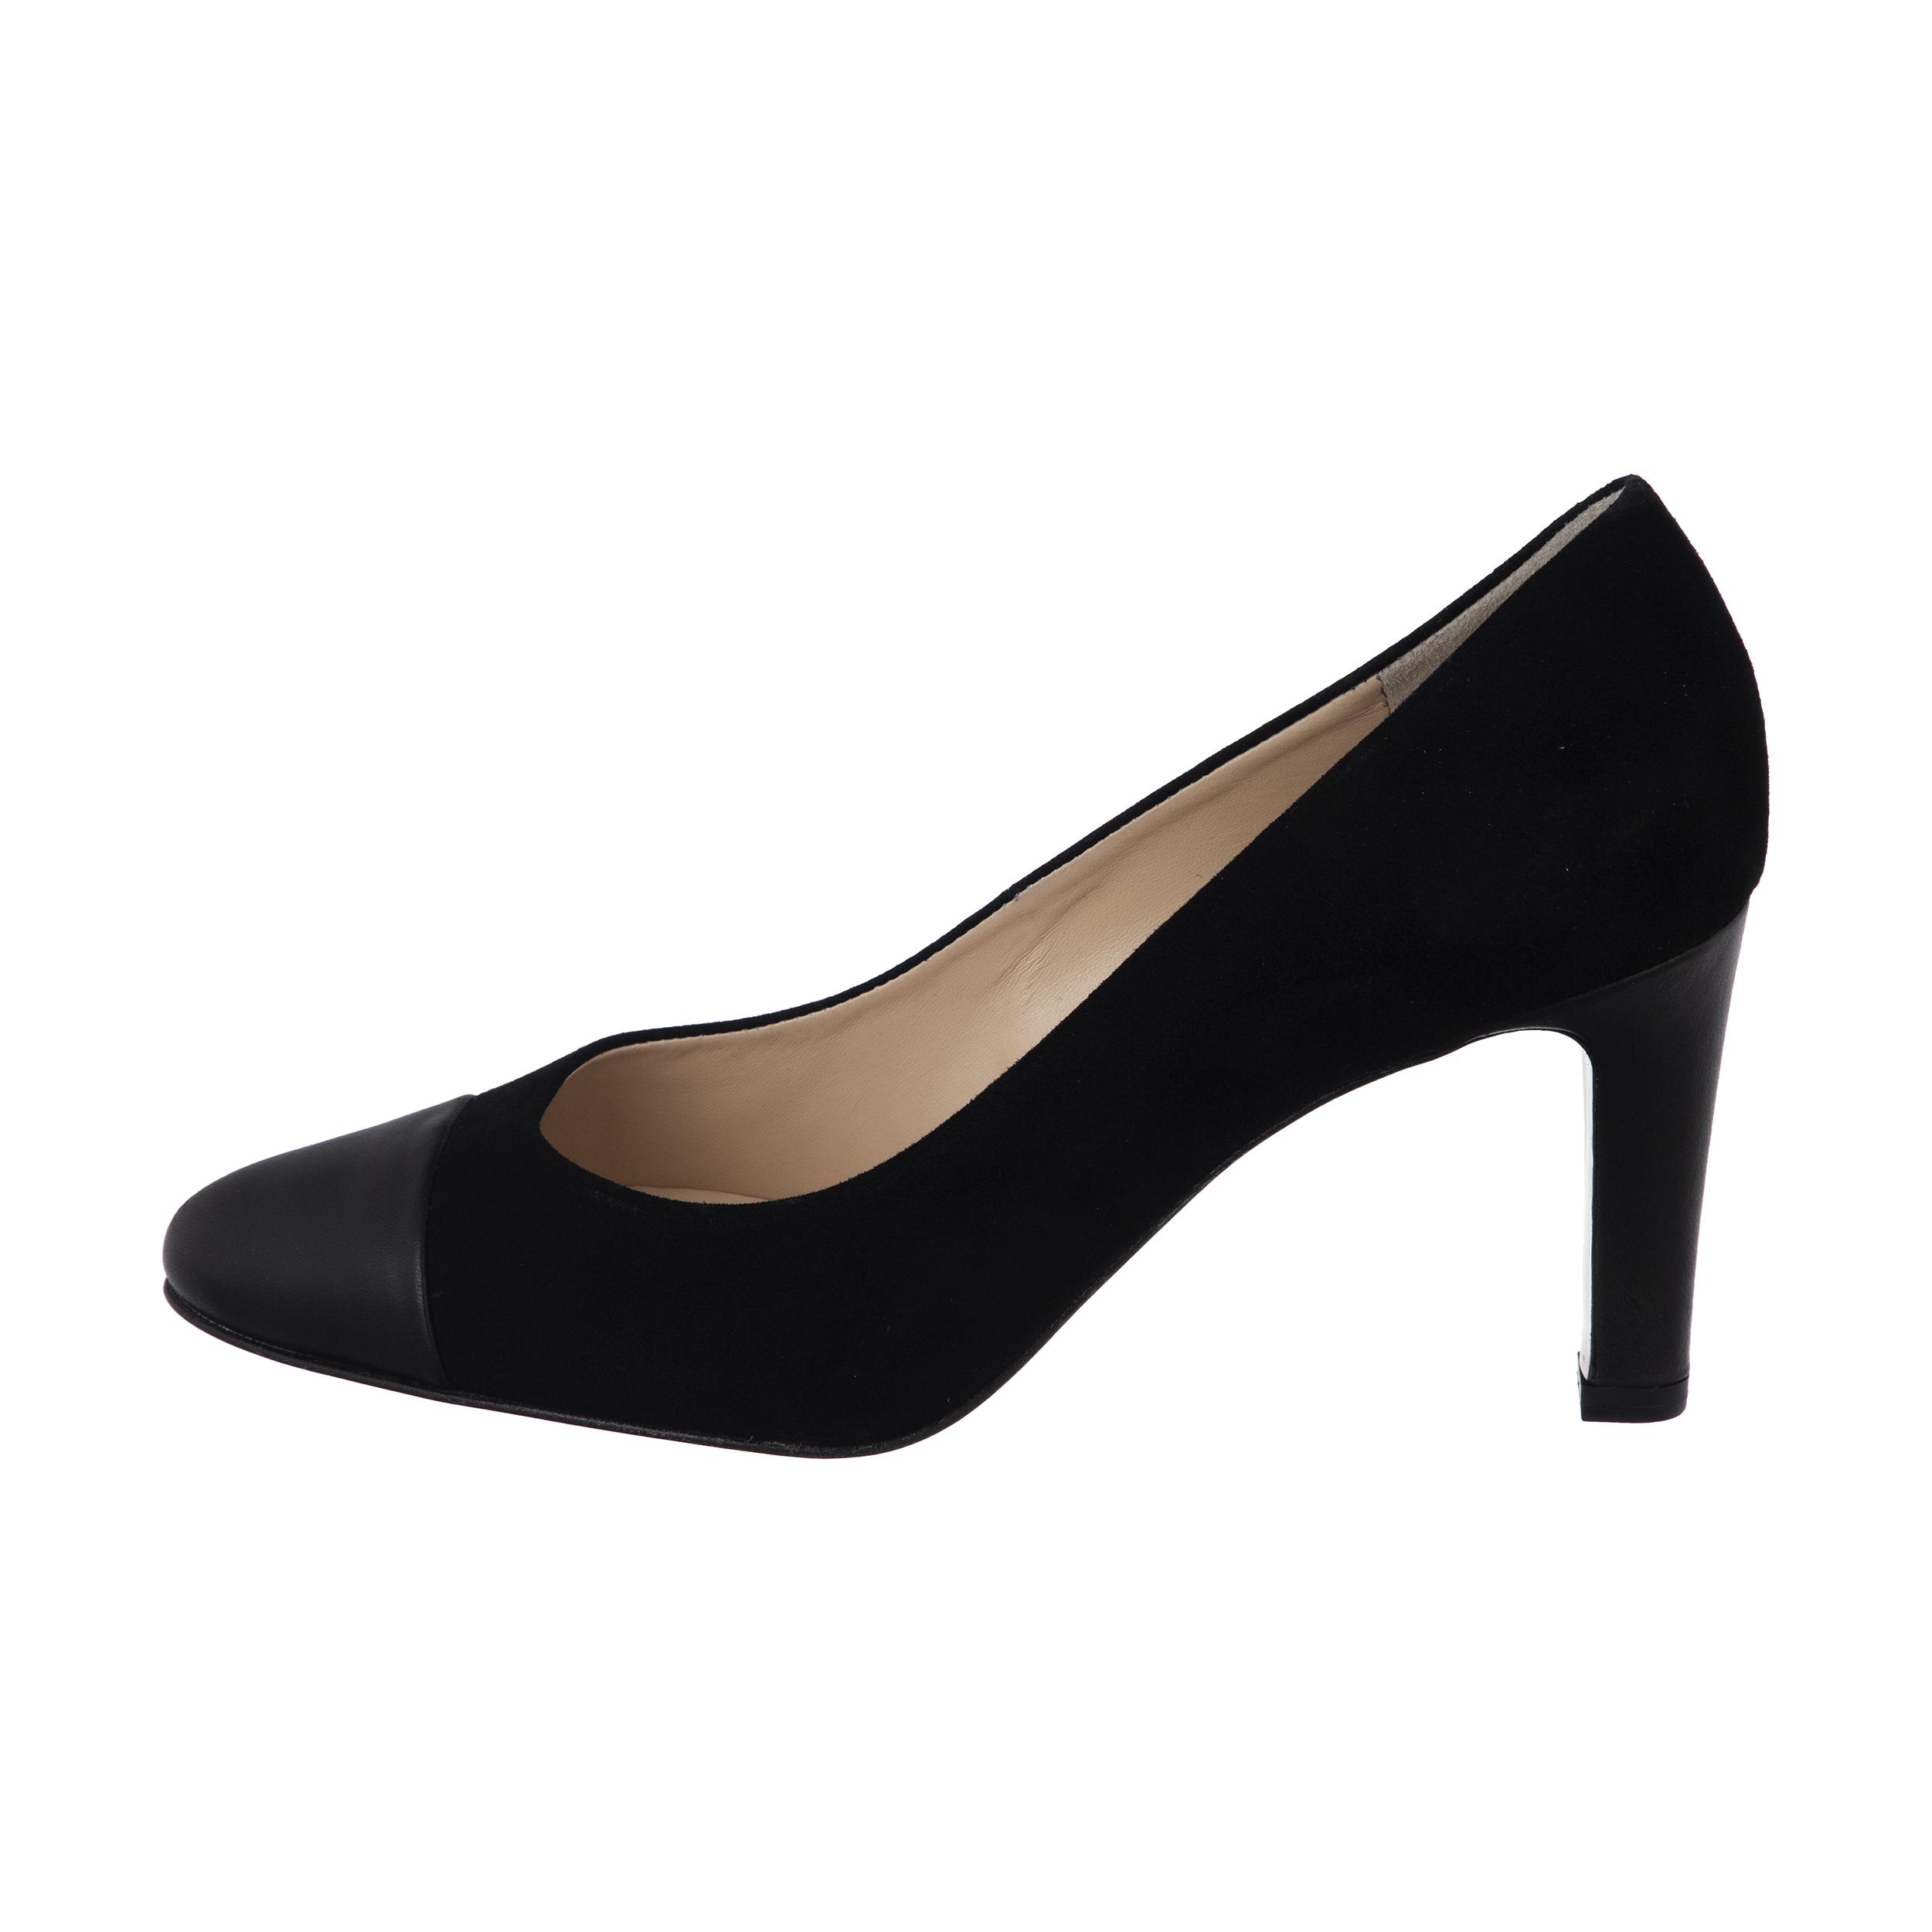 کفش زنانه هوگل مدل 6-106552-0101